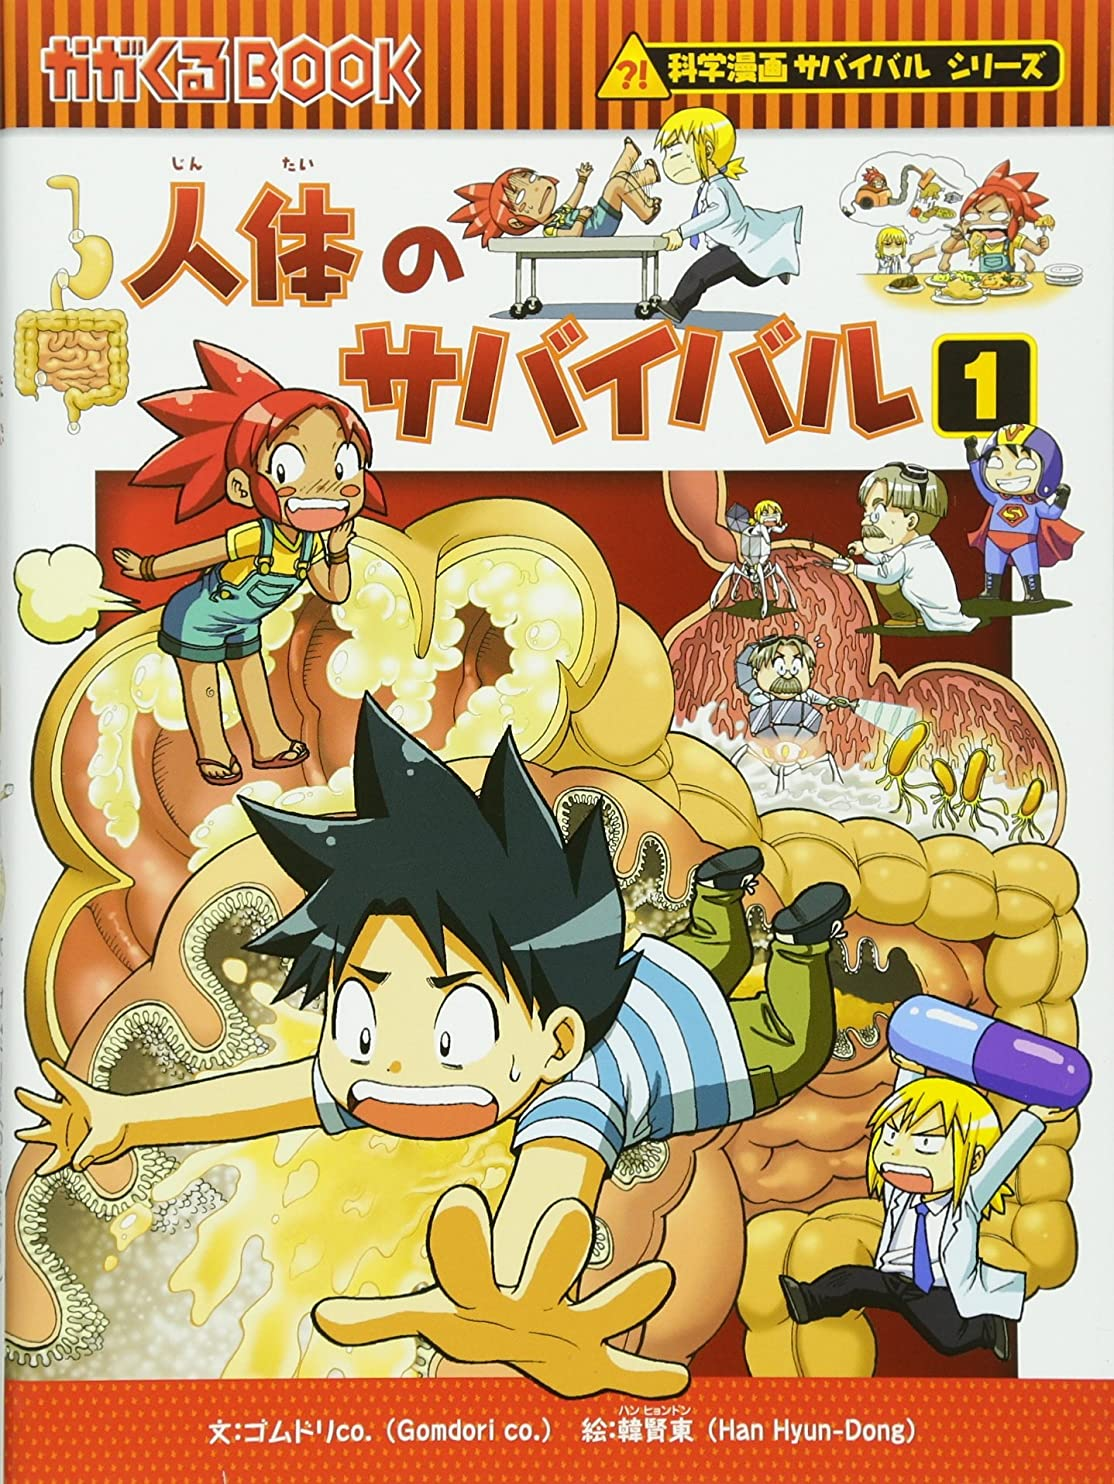 ペースベル傑作人体のサバイバル 1 (かがくるBOOK―科学漫画サバイバルシリーズ)